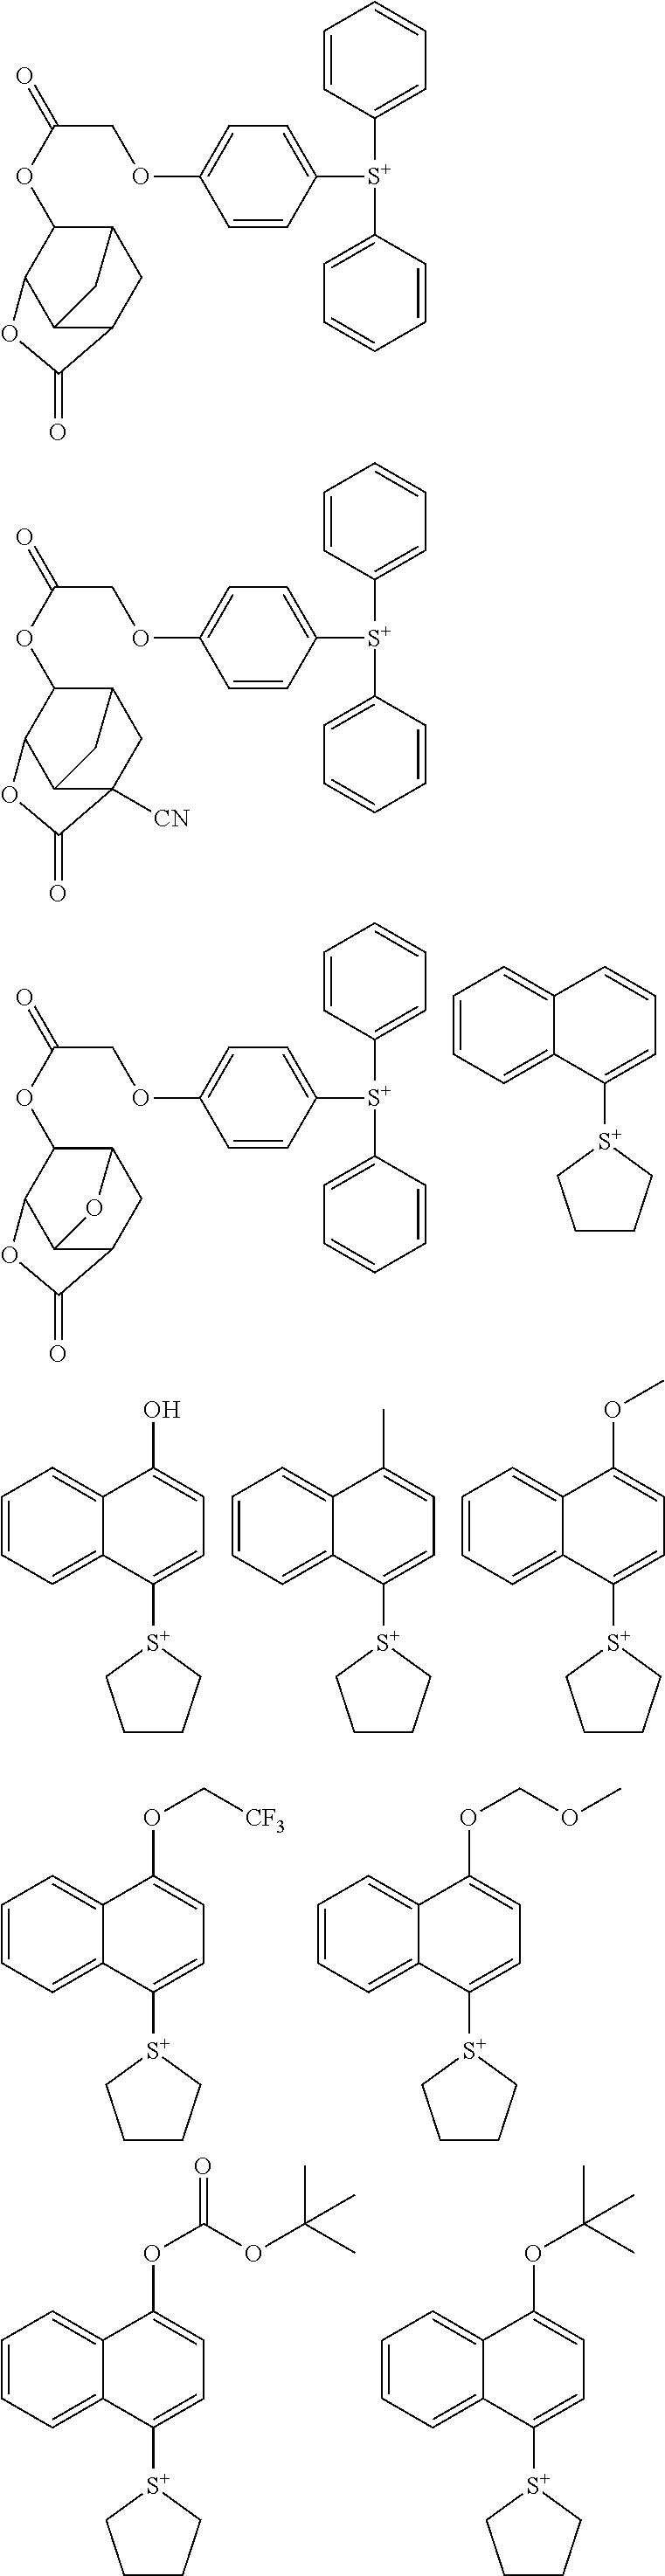 Figure US08822136-20140902-C00105